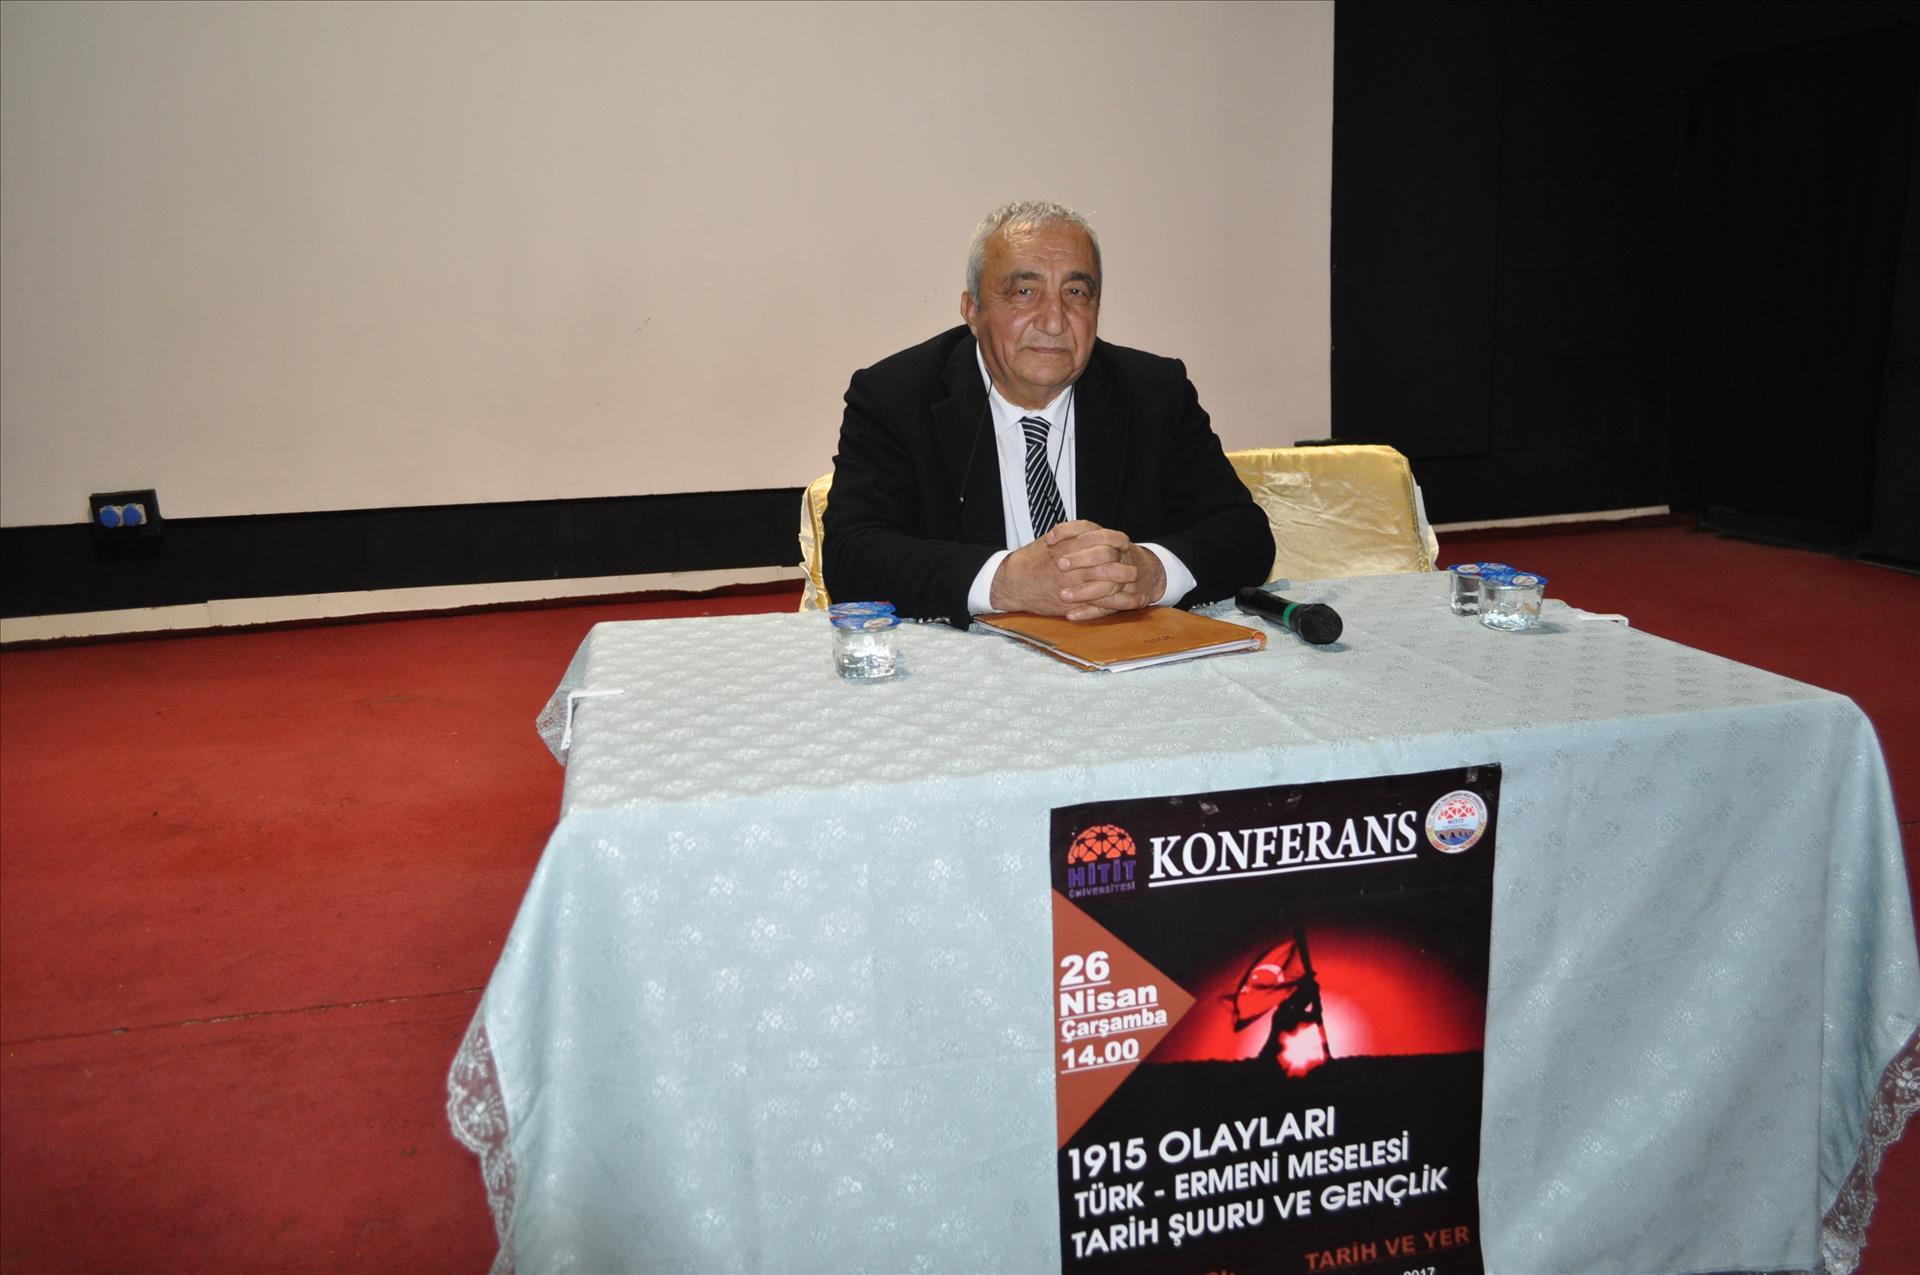 Türk - Ermeni Meselesi Tarih Şuuru ve Gençlik Konulu Konferans Düzenlendi